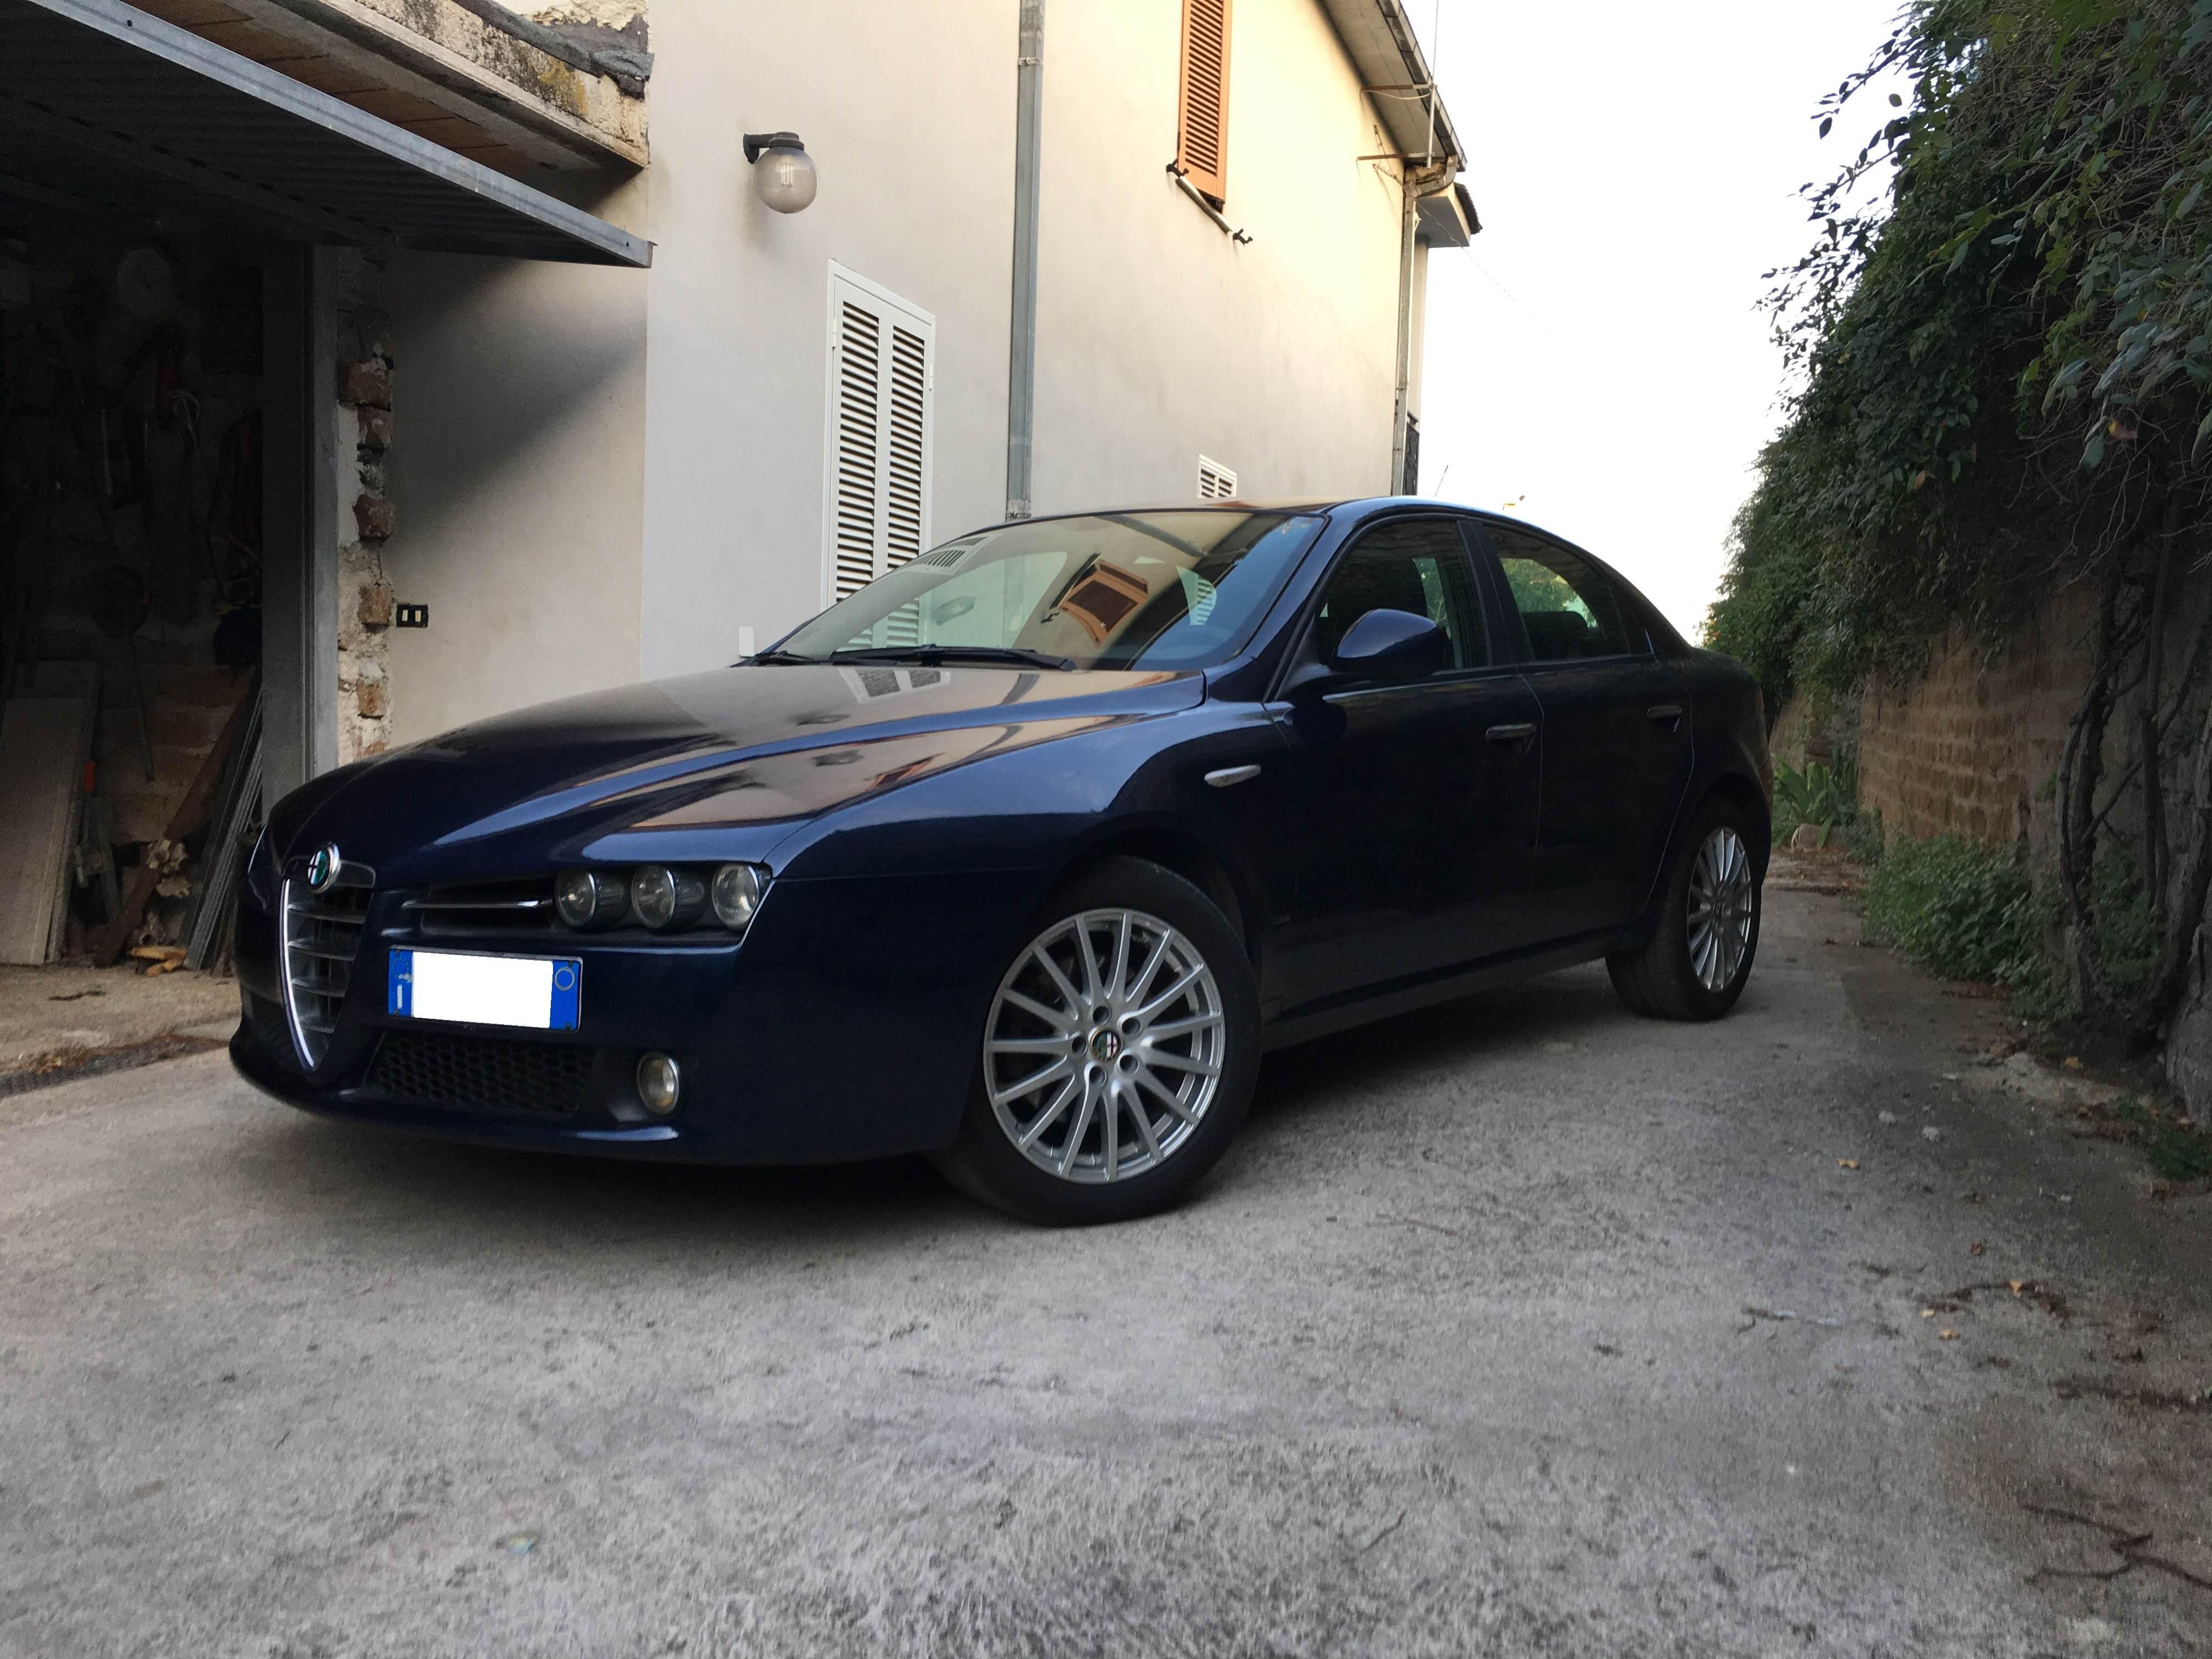 foto Alfa Romeo 159 - 1.9 JTDm 150cv - Blu metallizzato - 2007 - VT - 7